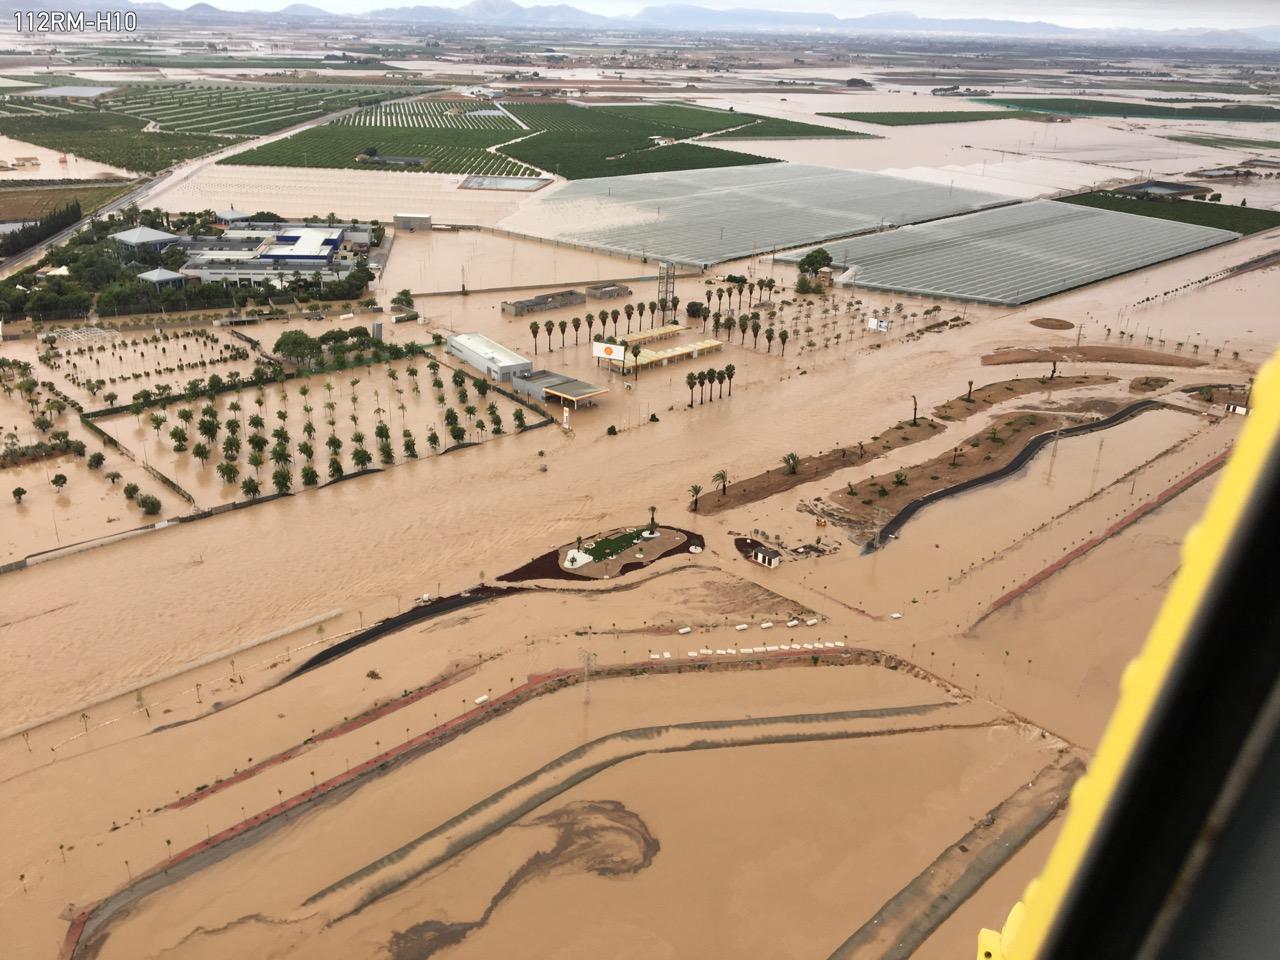 Vista de Los Alcázares la mañana del día 12, desde un helicóptero de la Dirección General de Seguridad Ciudadana y Emergencias. Imagen: 112